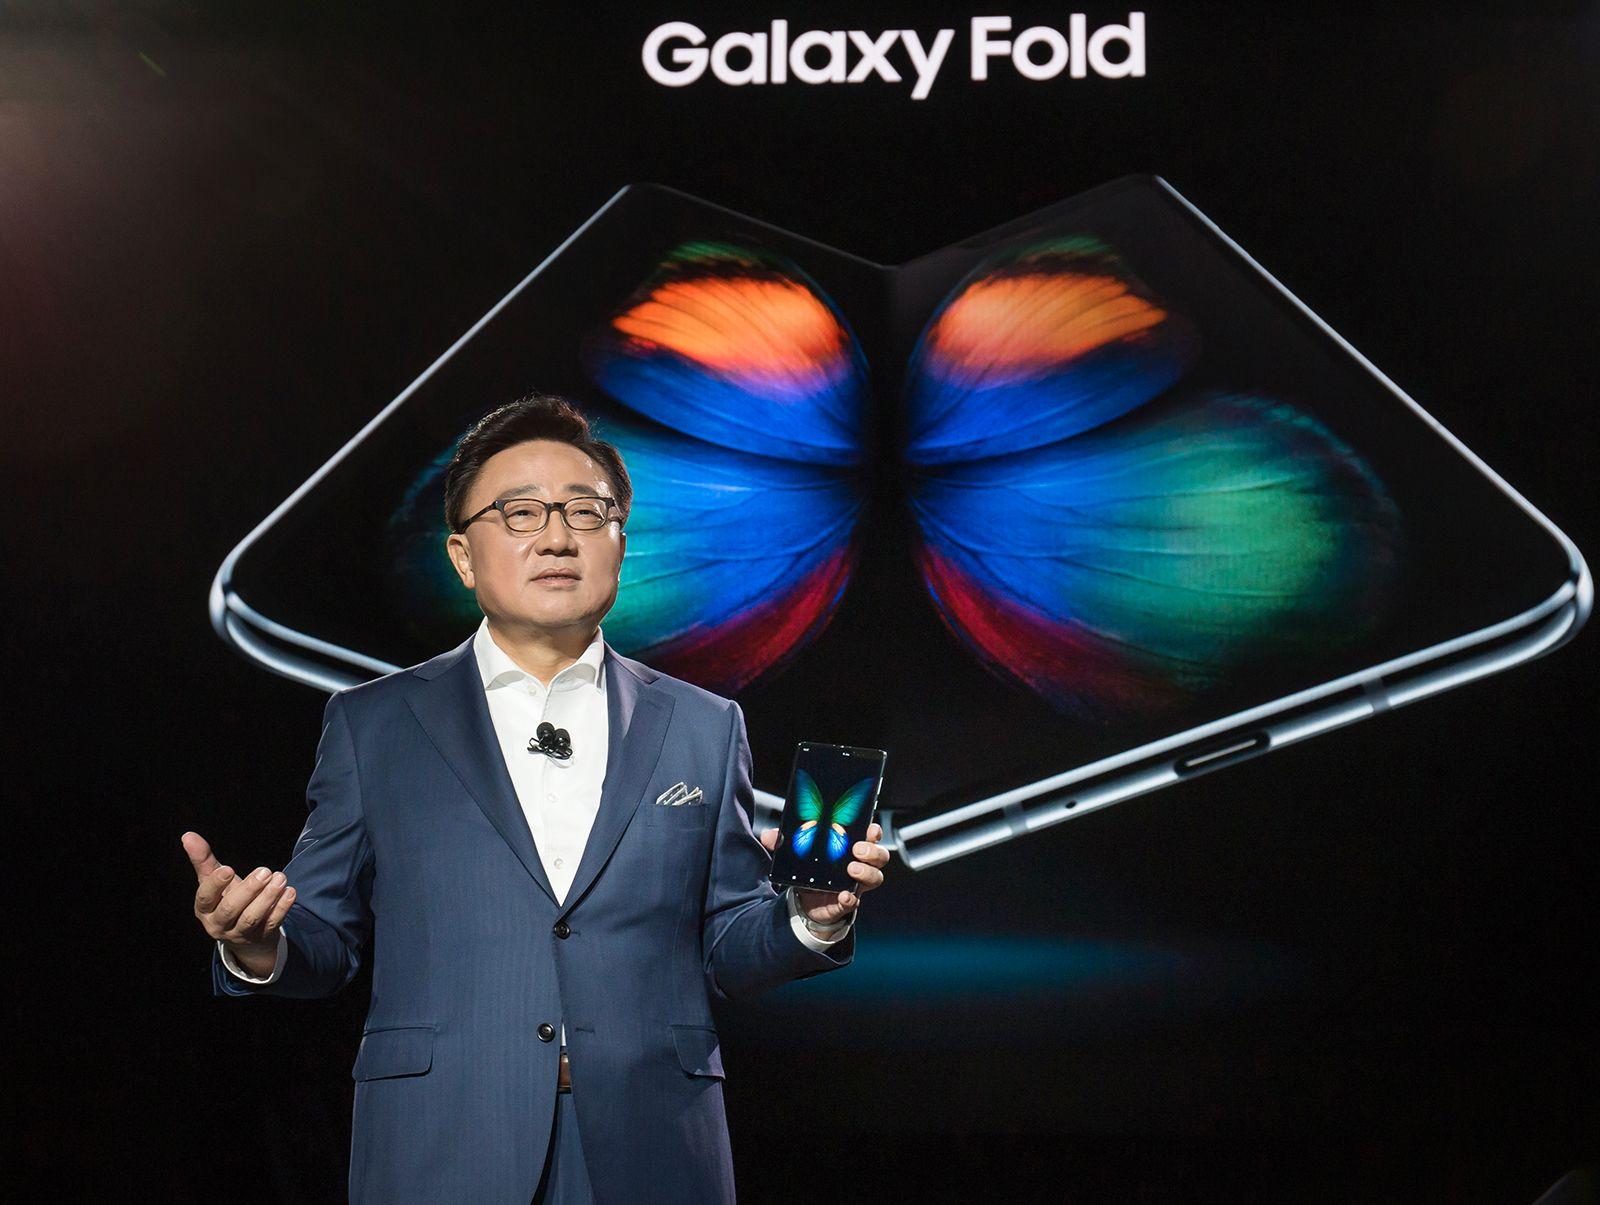 Samsungs elektronikksjef DJ Koh viste frem Galaxy Fold da telefonen ble lansert. Nå har han innrømmet å ha presset mobilen mot markedet for tidlig.